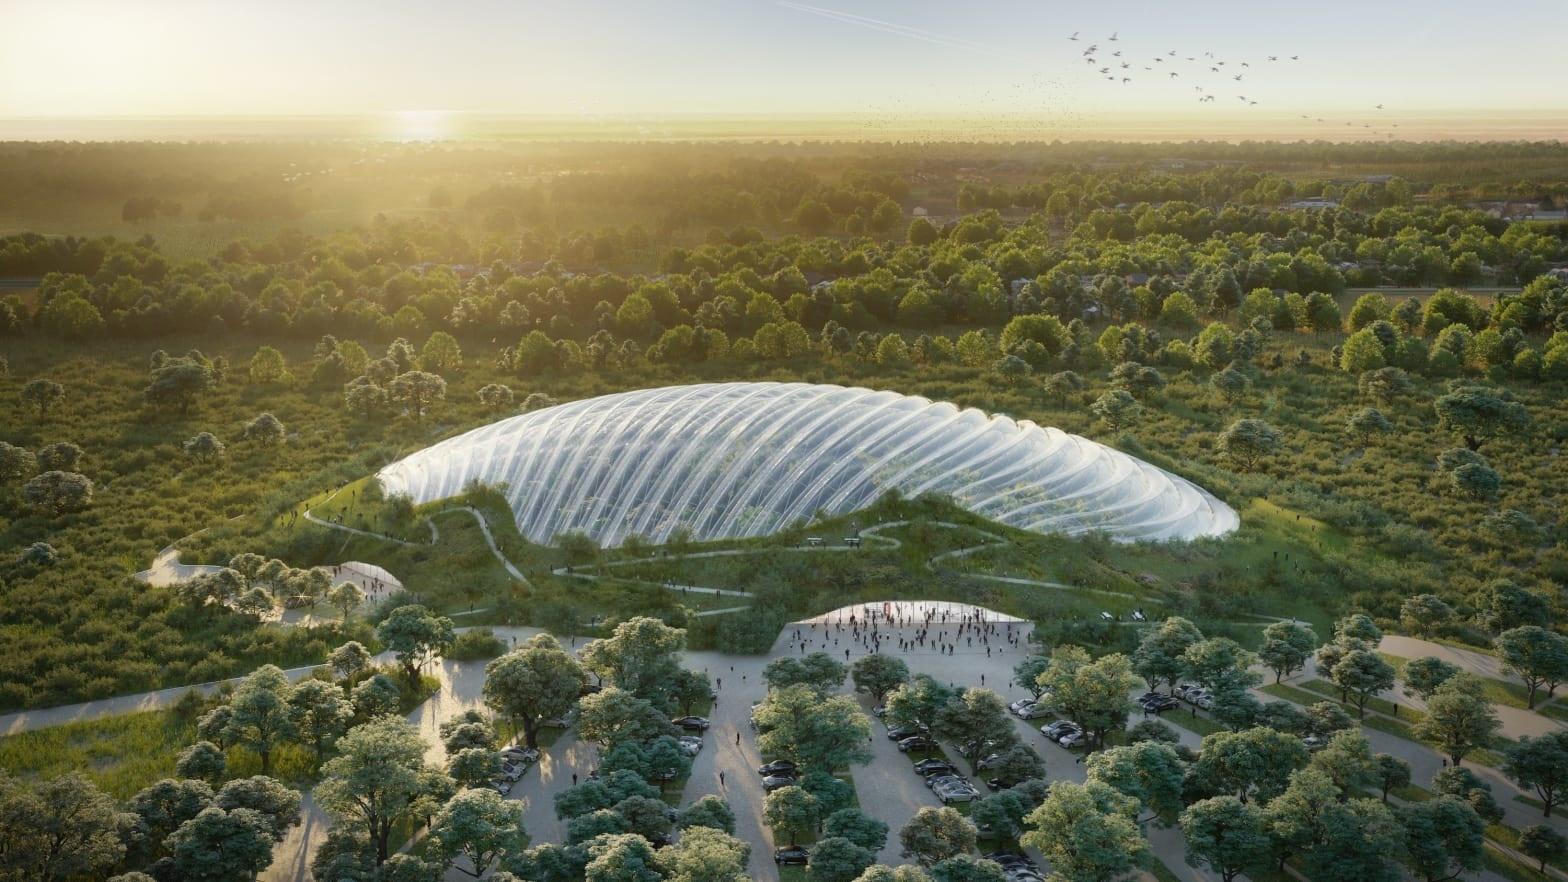 بنای بزرگترین گلخانه تکگنبدی جهان در فرانسه